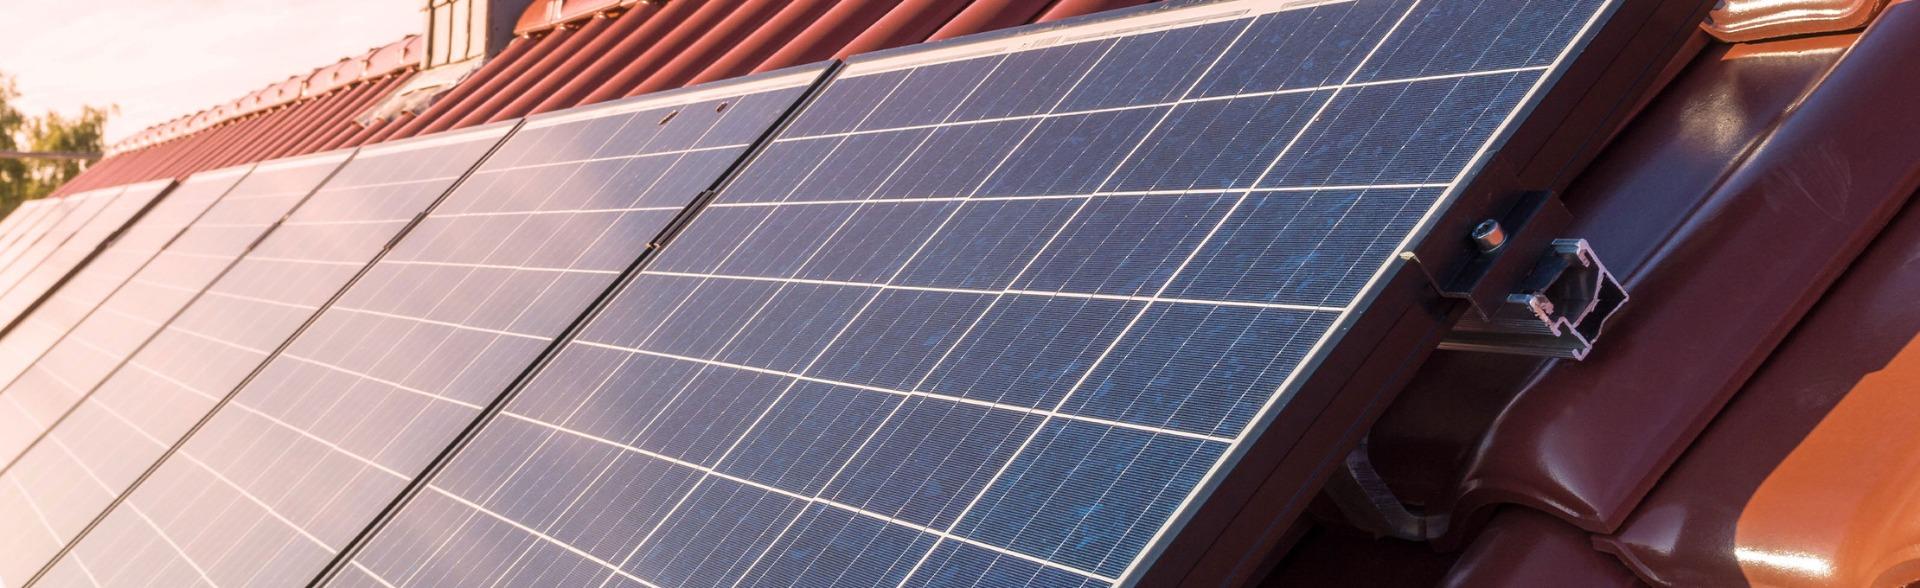 Onduleur pour appareil photovoltaïque : la protection indispensable